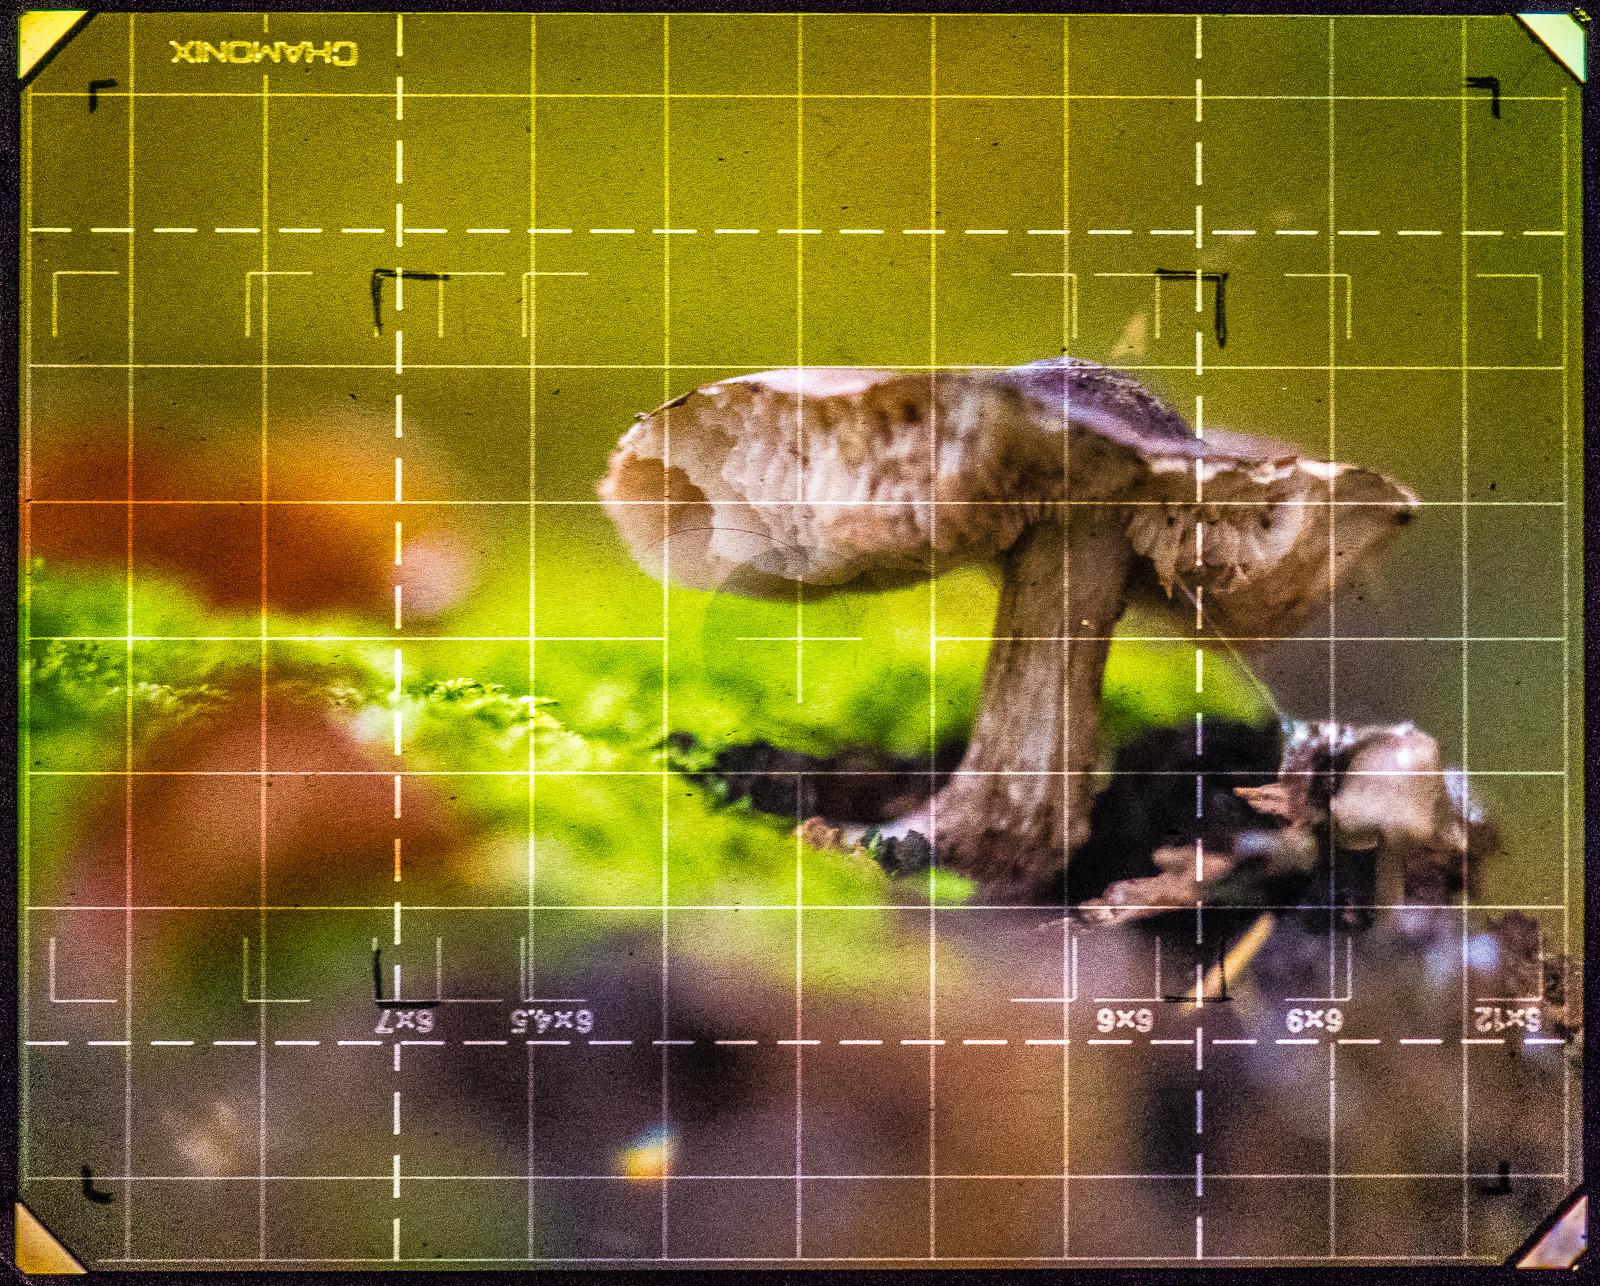 angenagter Pilz auf Baumstumpf, von der Kameramattscheibe abfotografiert